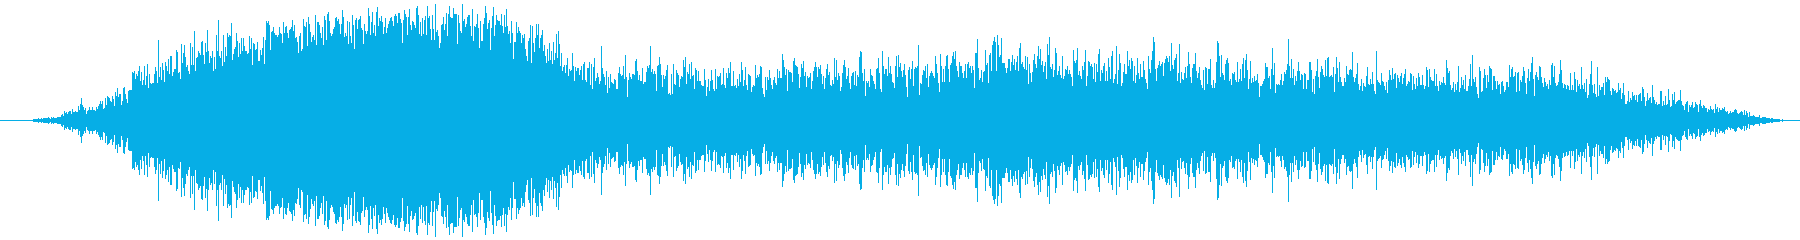 空気を入れる(抜く等)シュゥーの再生済みの波形